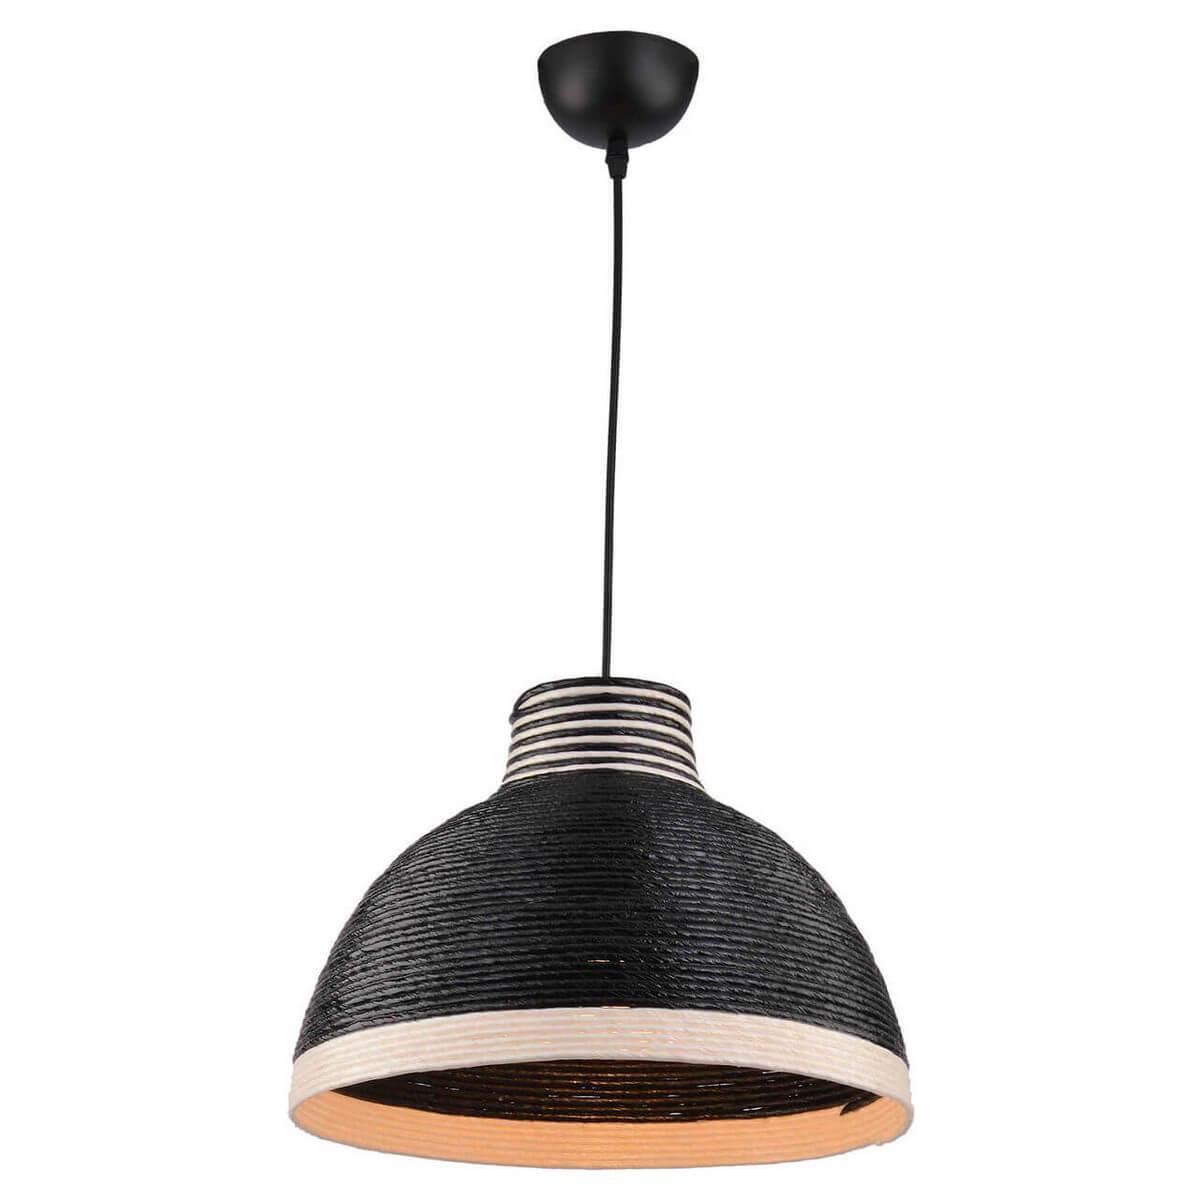 Подвесной светильник Lussole GRLSP-8038, E27, 11 Вт подвесной светильник lussole grlsp 9894 коричневый